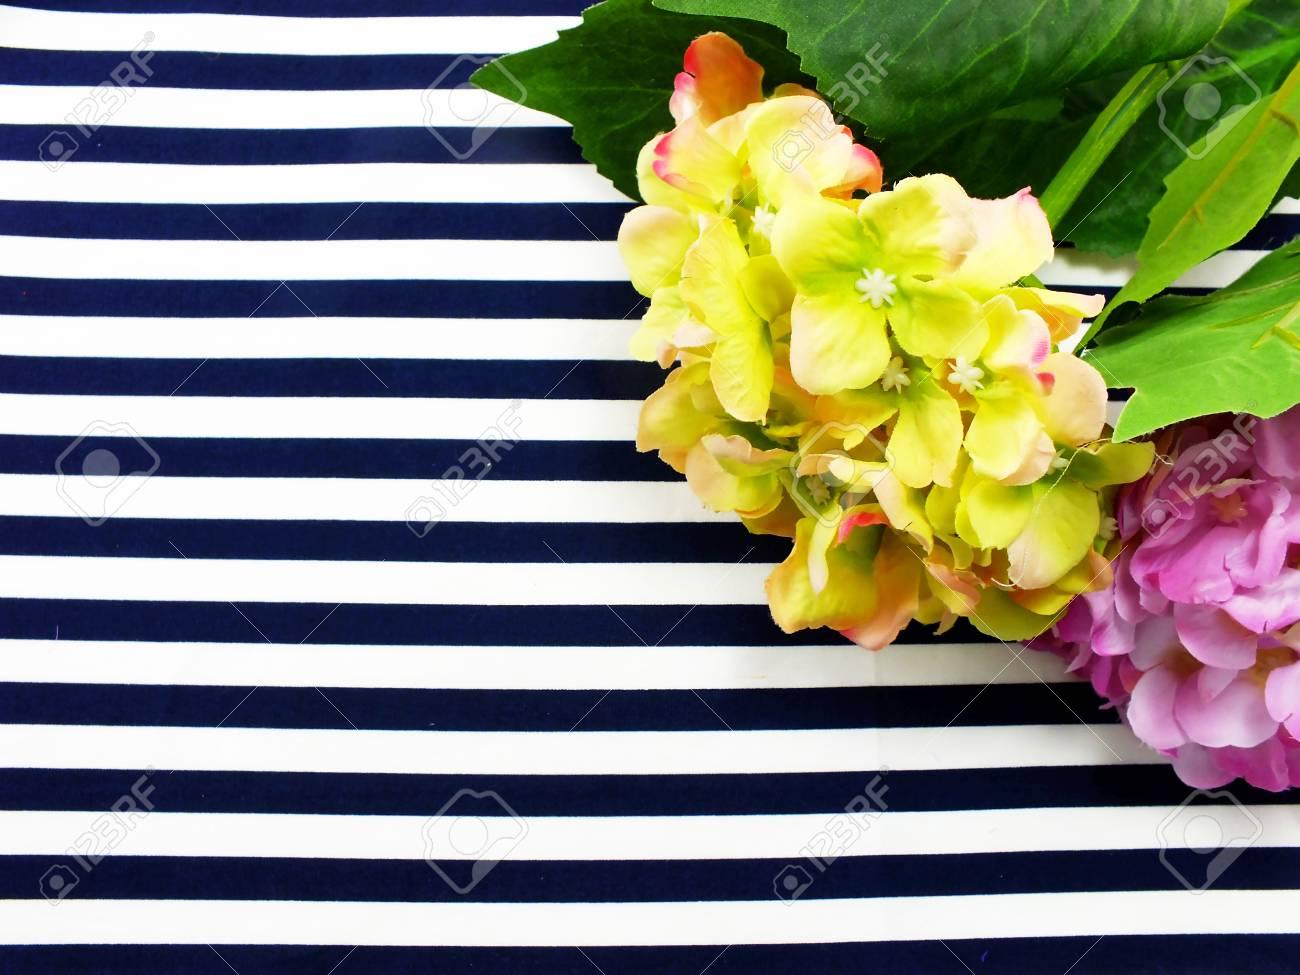 Arreglo De Ramo De Flores Artificiales De Hortensias Ubicado En